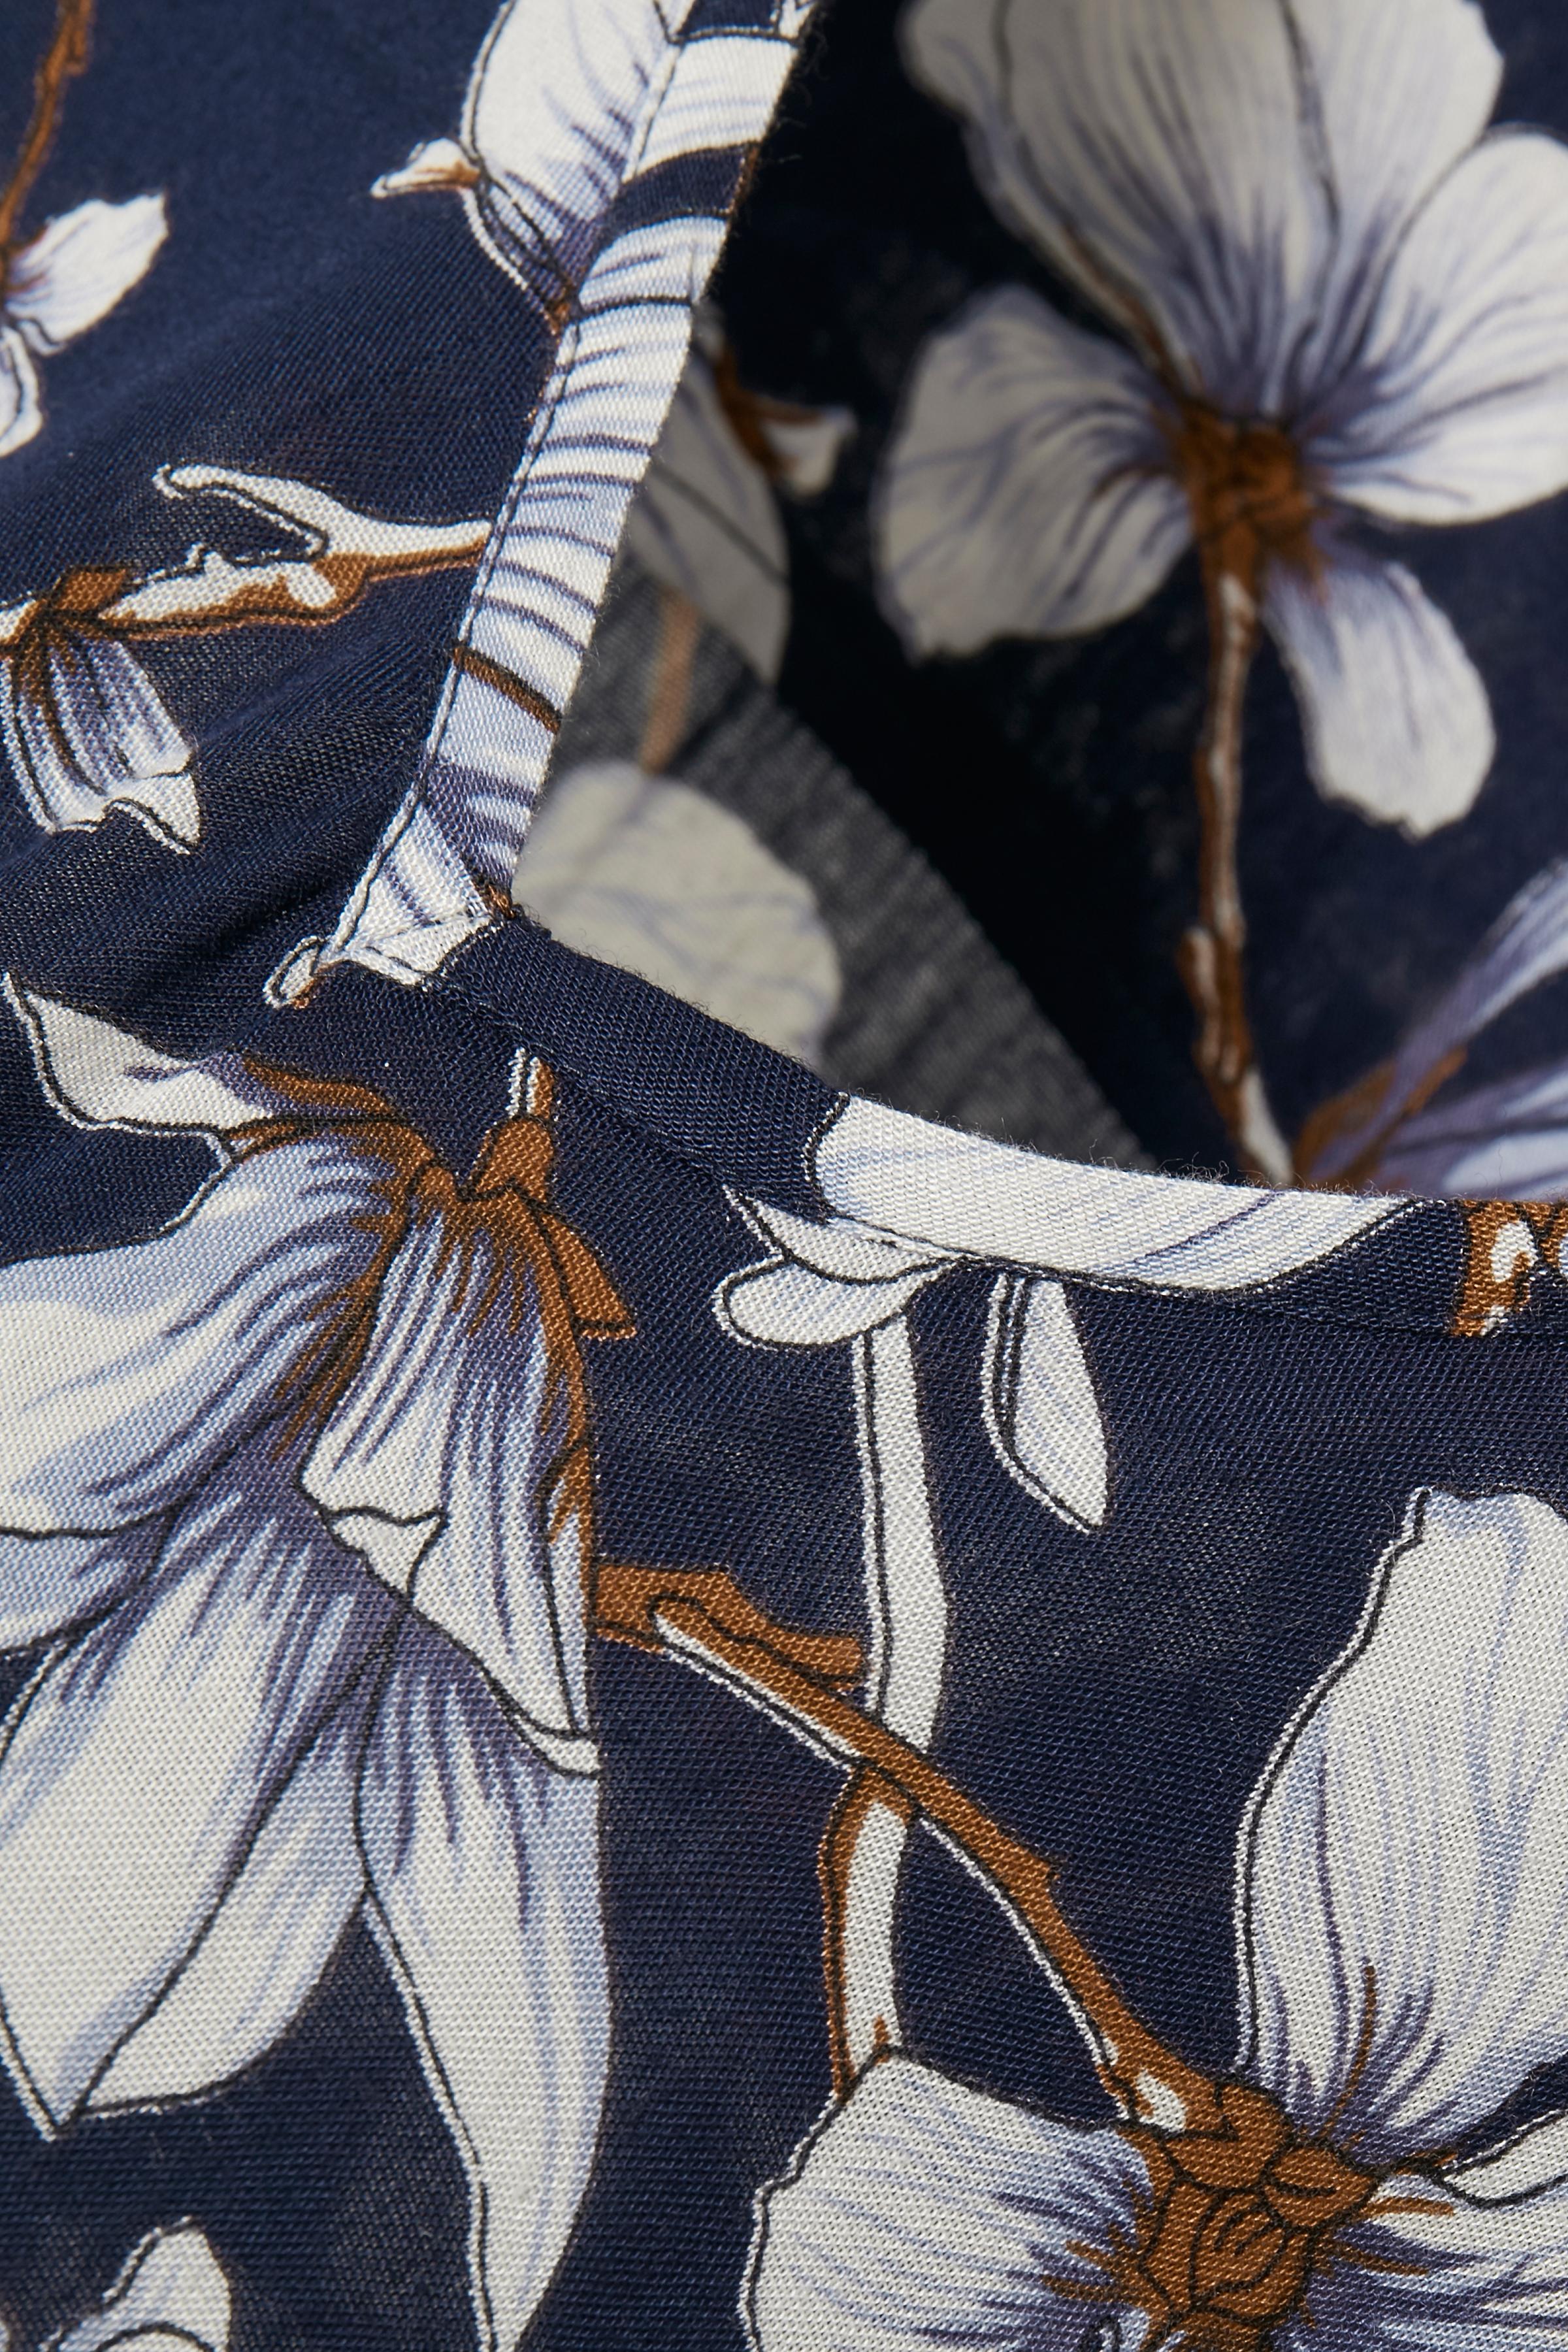 Donkerblauw Tuniek van Kaffe – Door Donkerblauw Tuniek van maat. 34-46 hier